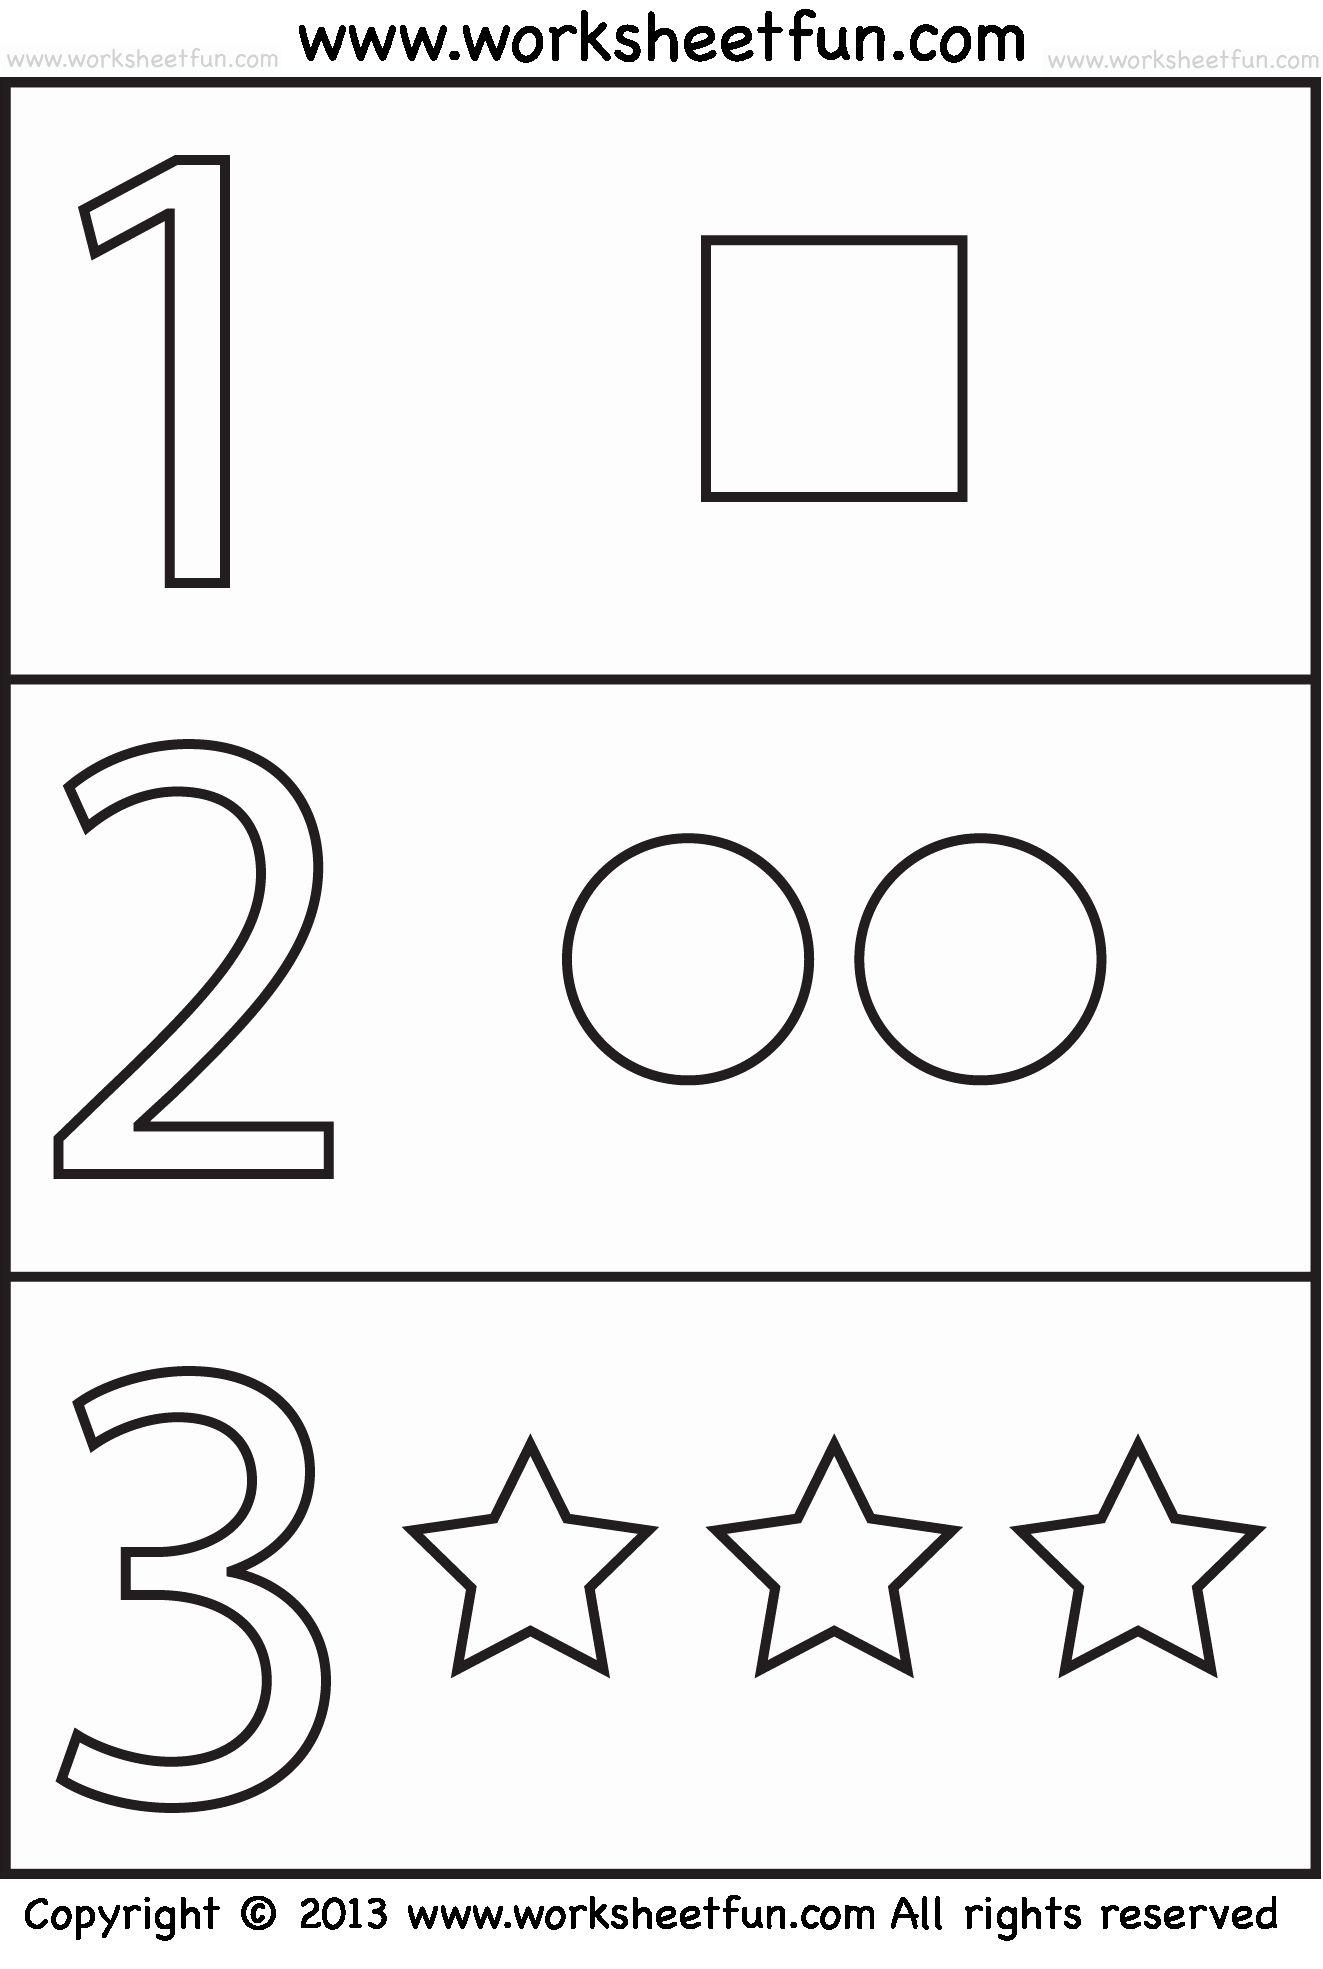 Preschool Worksheets Age 2 In 2020   Free Preschool